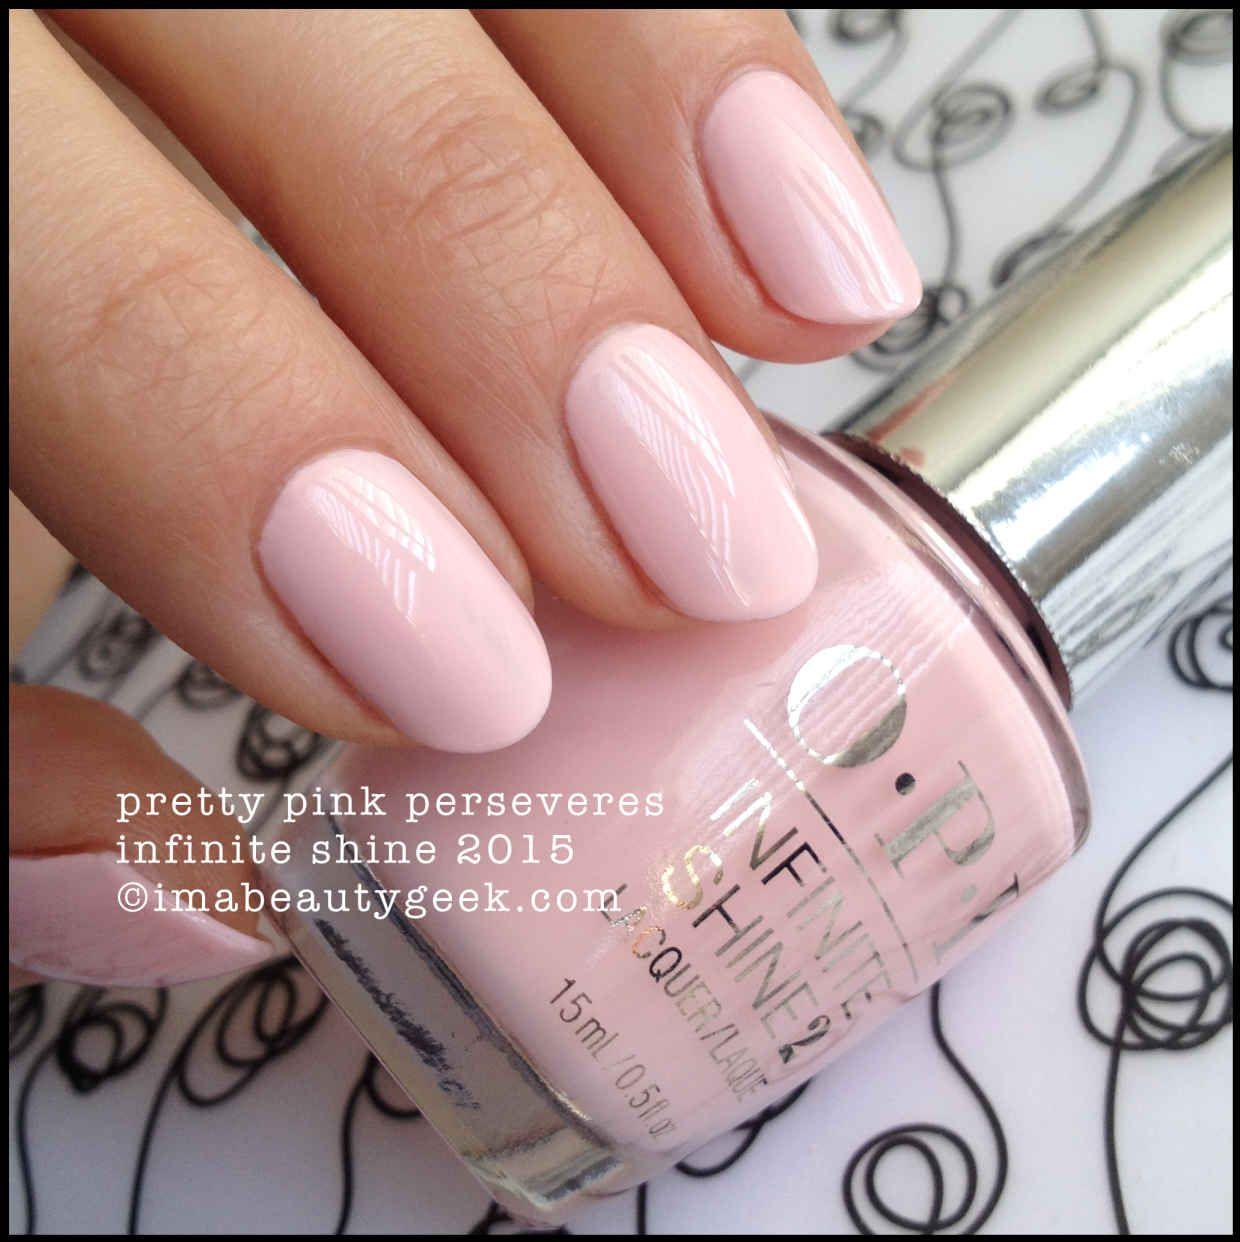 Opi Infinite Shine Swatches Pink Nails Opi Nails Opi Pink Nail Polish